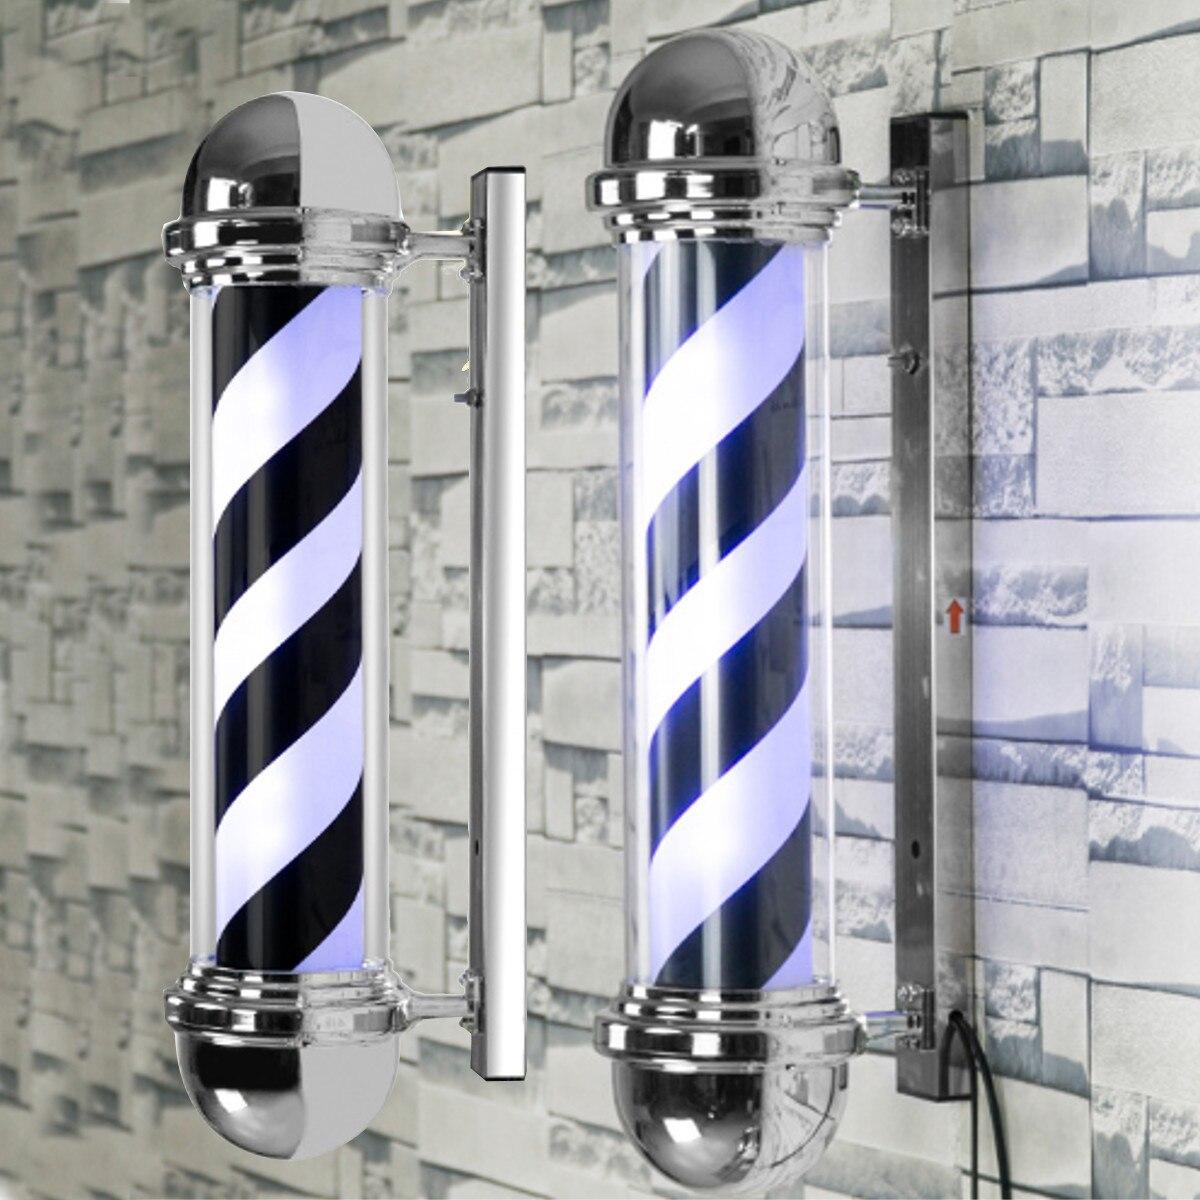 LED Salon de coiffure signe luminaire noir blanc bleu rayure Design Roating Salon tenture murale lampe de Salon de beauté lampe